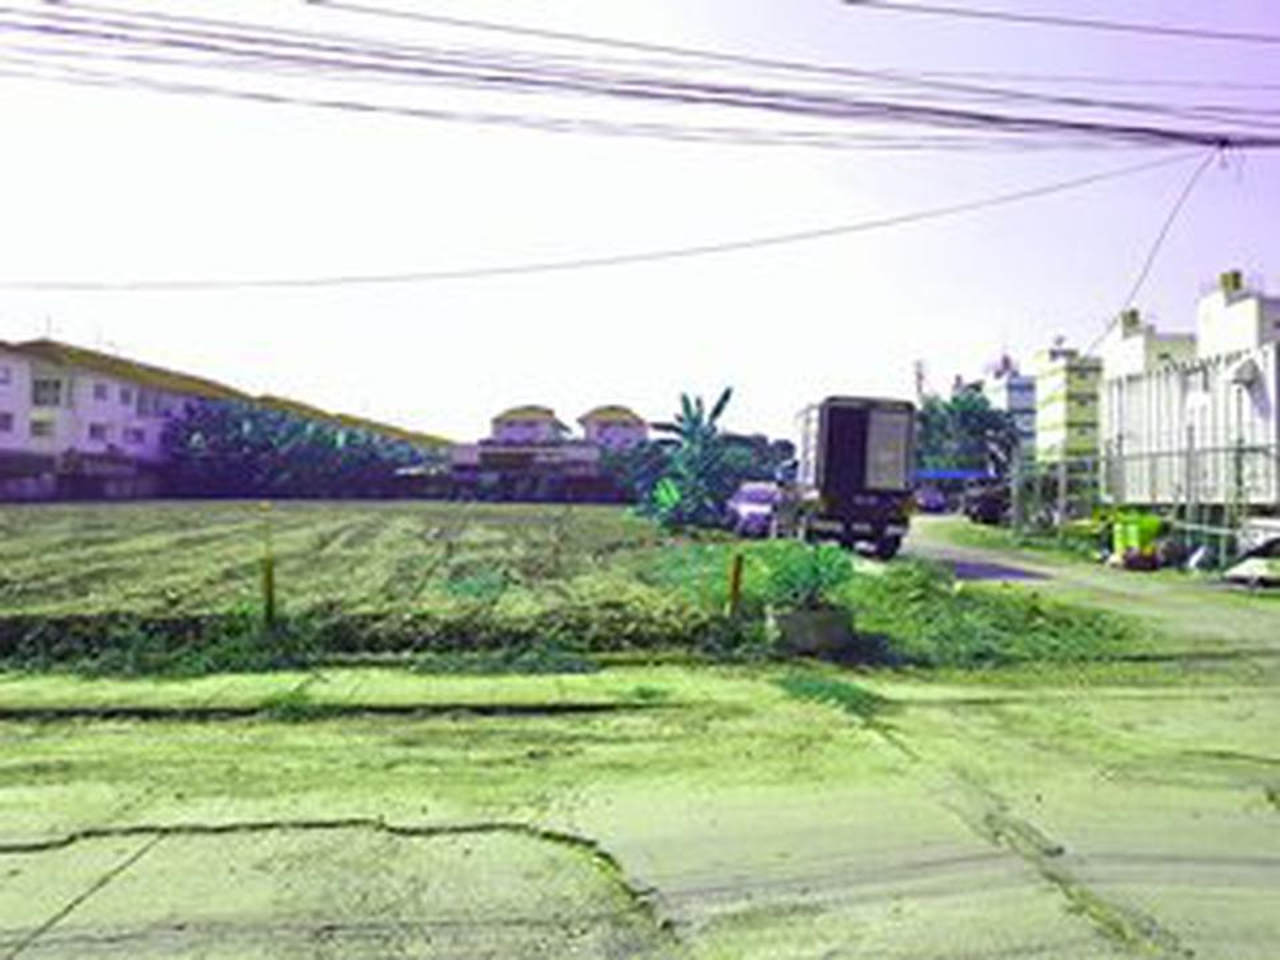 ที่ดินเปล่าถมแล้วให้เช่าในถนนนวมินทร์ กรุงเทพมหานคร รูปที่ 1